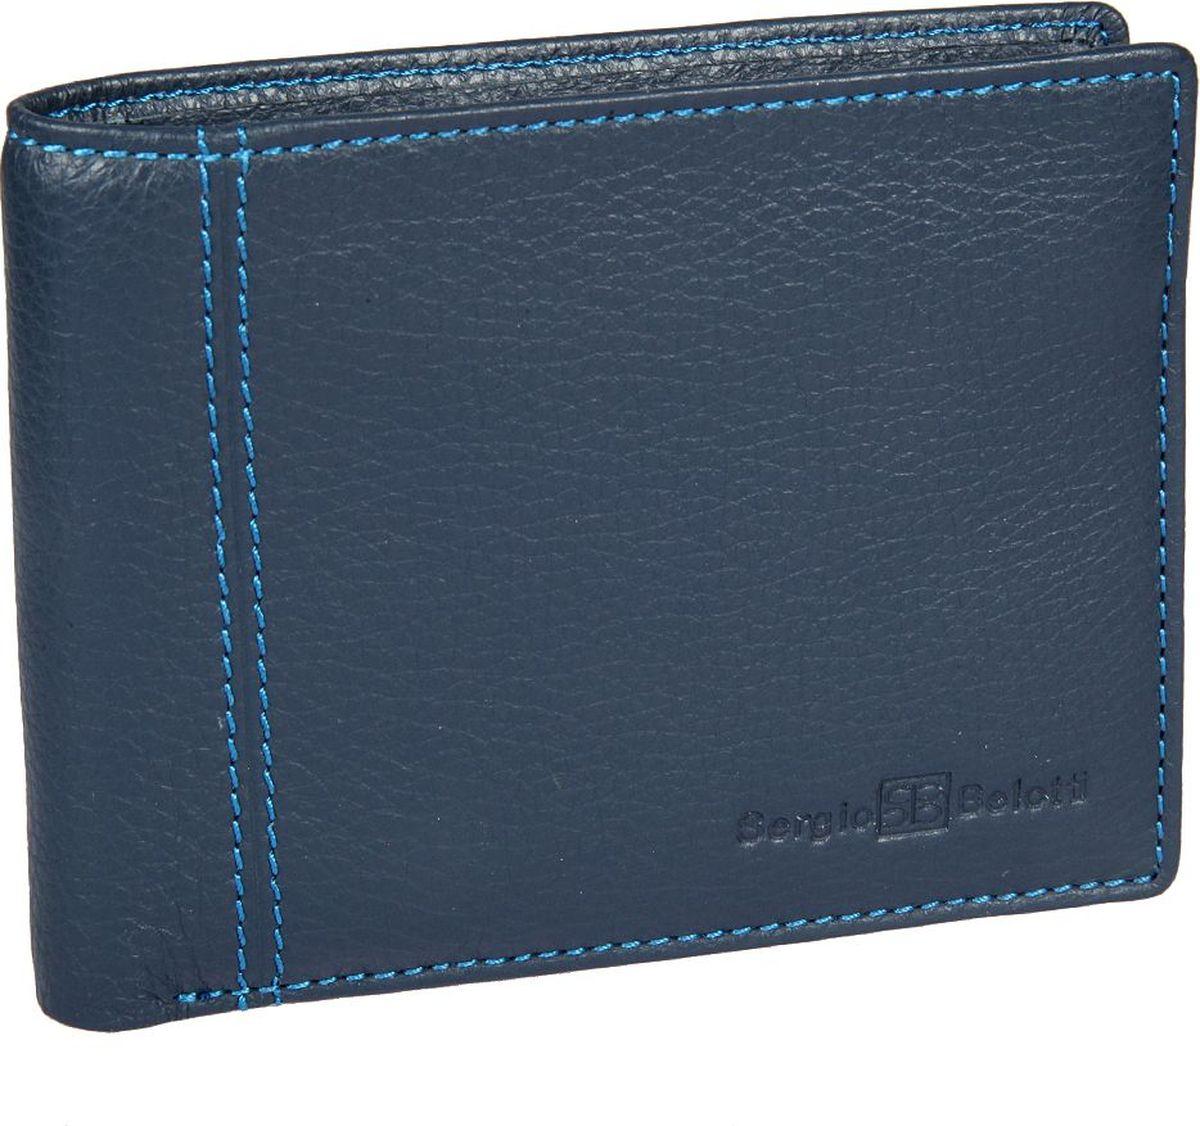 Портмоне мужское Sergio Belotti, цвет: синий. 27662766 indigo jeansМужское портмоне Sergio Belotti выполнено из натуральной кожи. Модель раскладывается пополам, внутри два отделения для купюр, три потайных кармана, семь кармашков для пластиковых карт, оснащен съемным вкладышем, на котором пять кармашков для пластиковых карт, два из них в сетку.